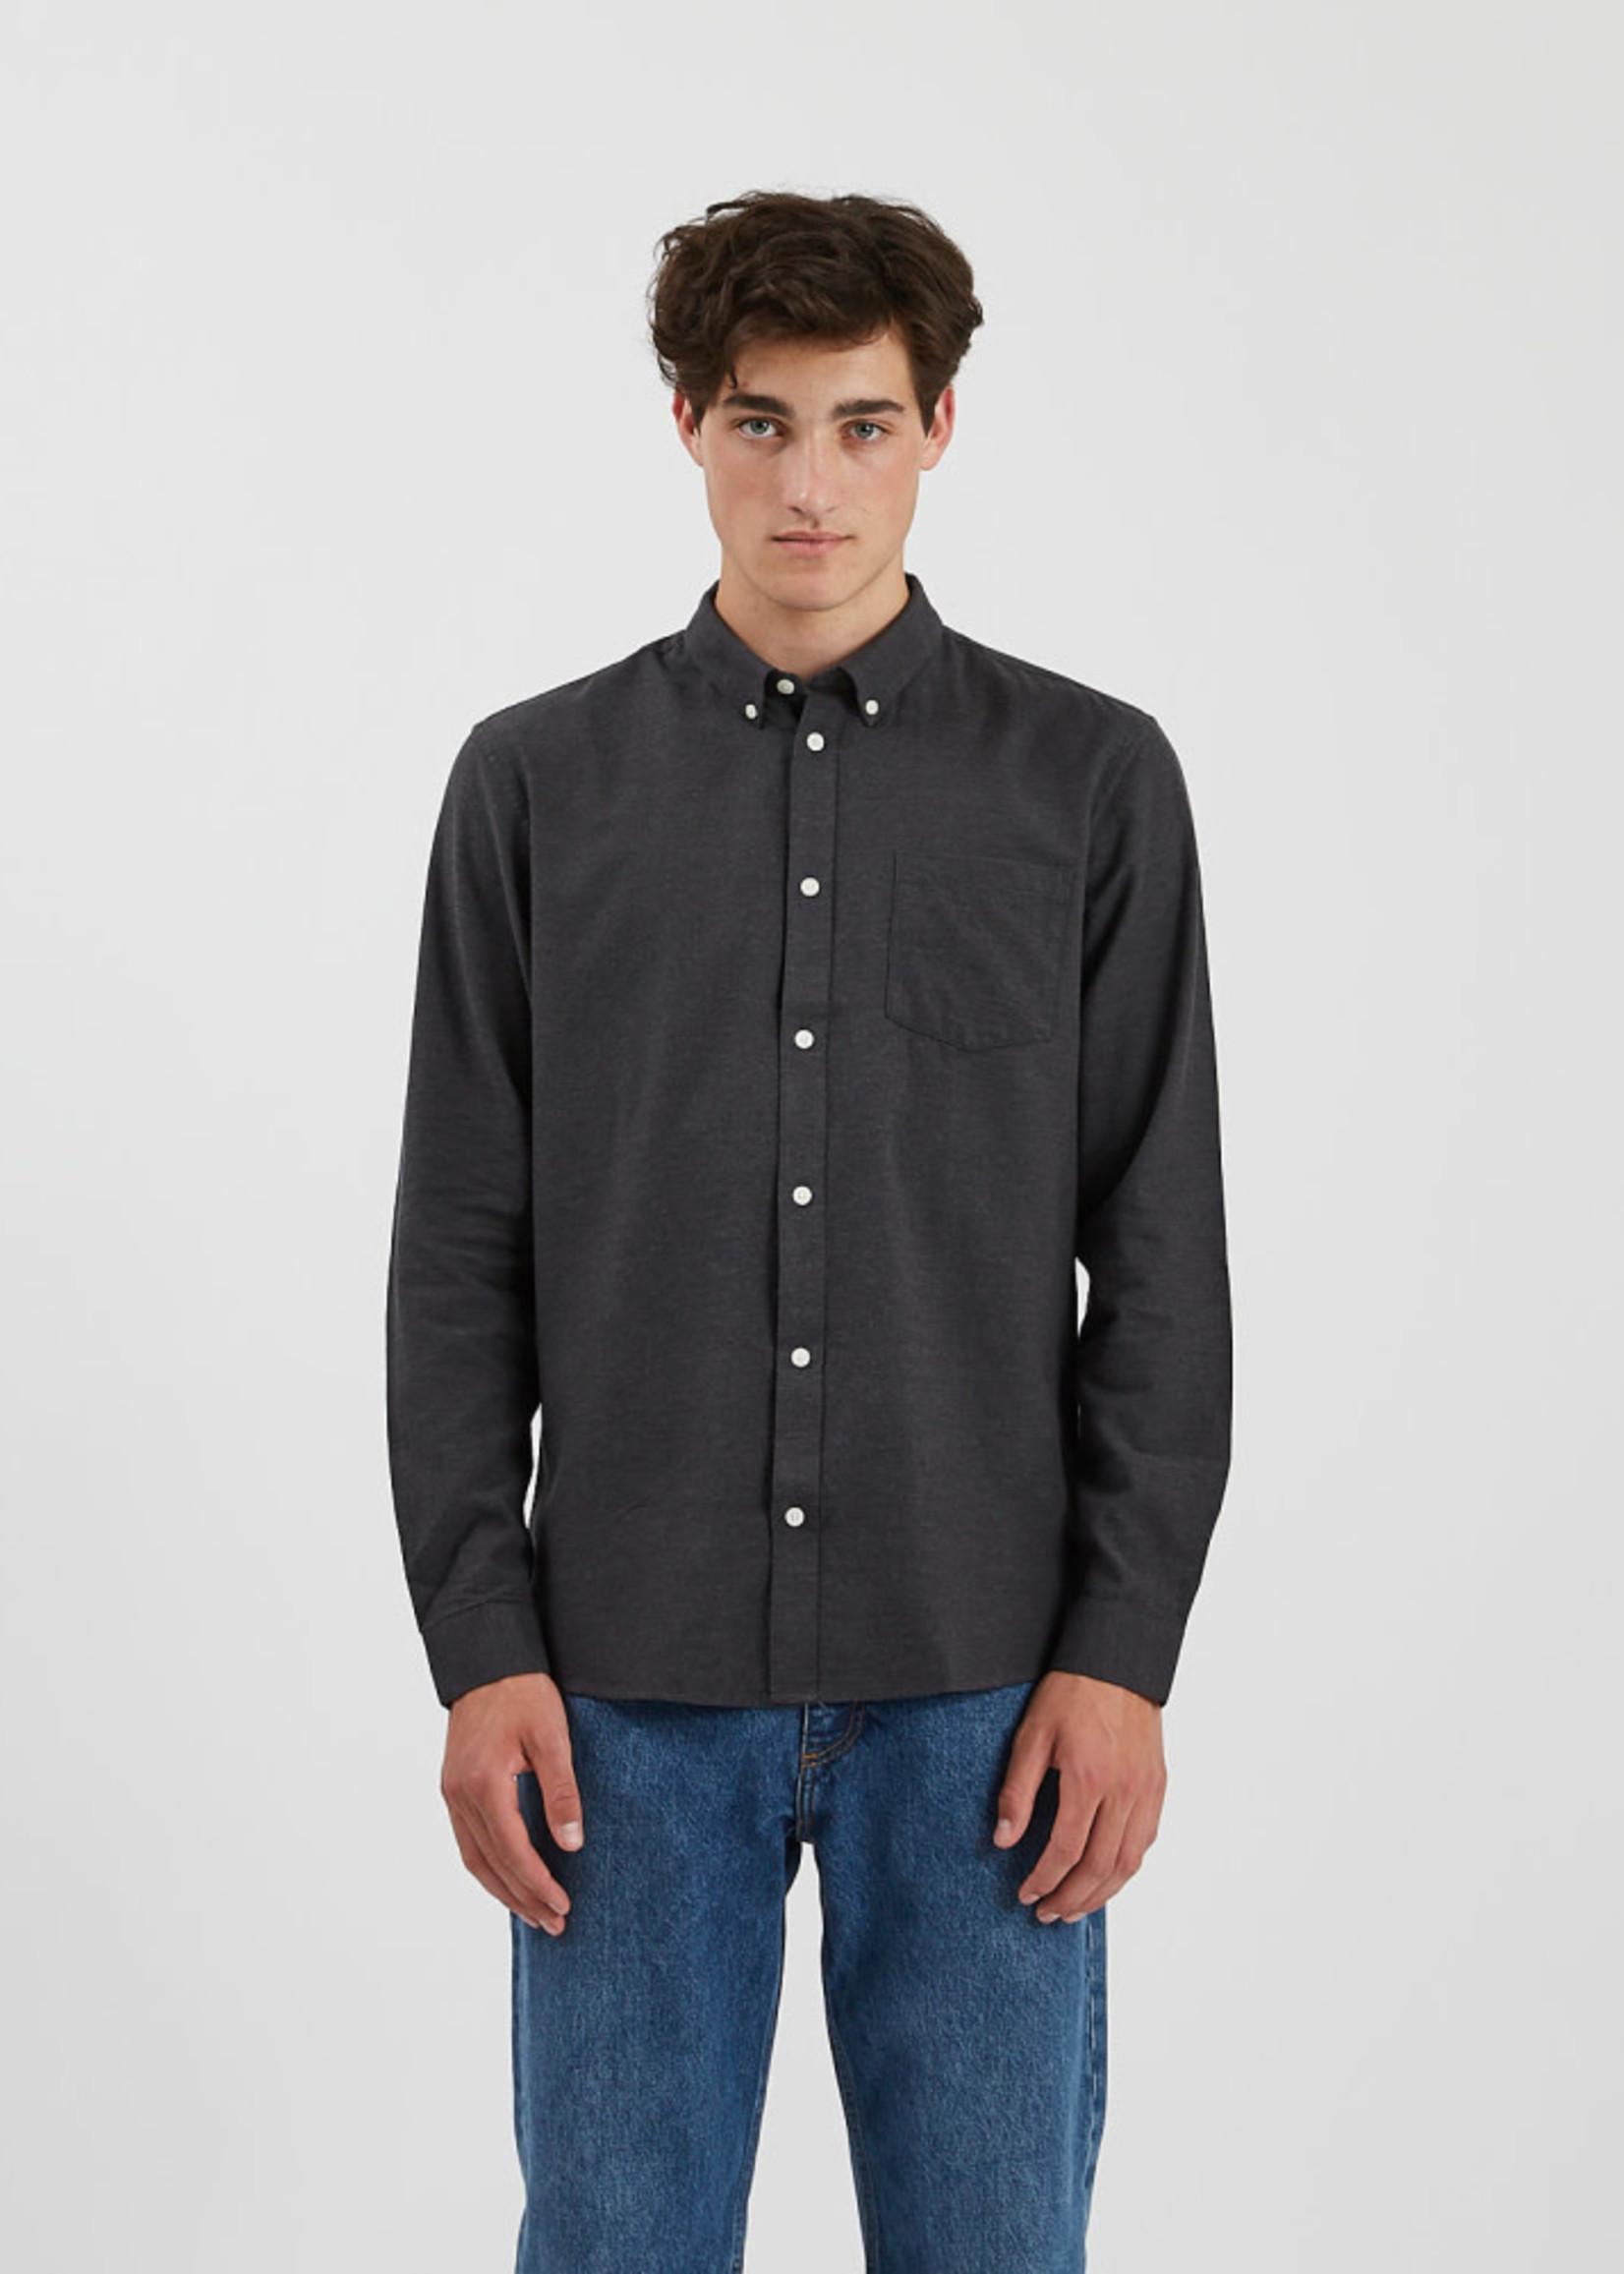 MINIMUM MINIMUM Jay 2.0 Shirt